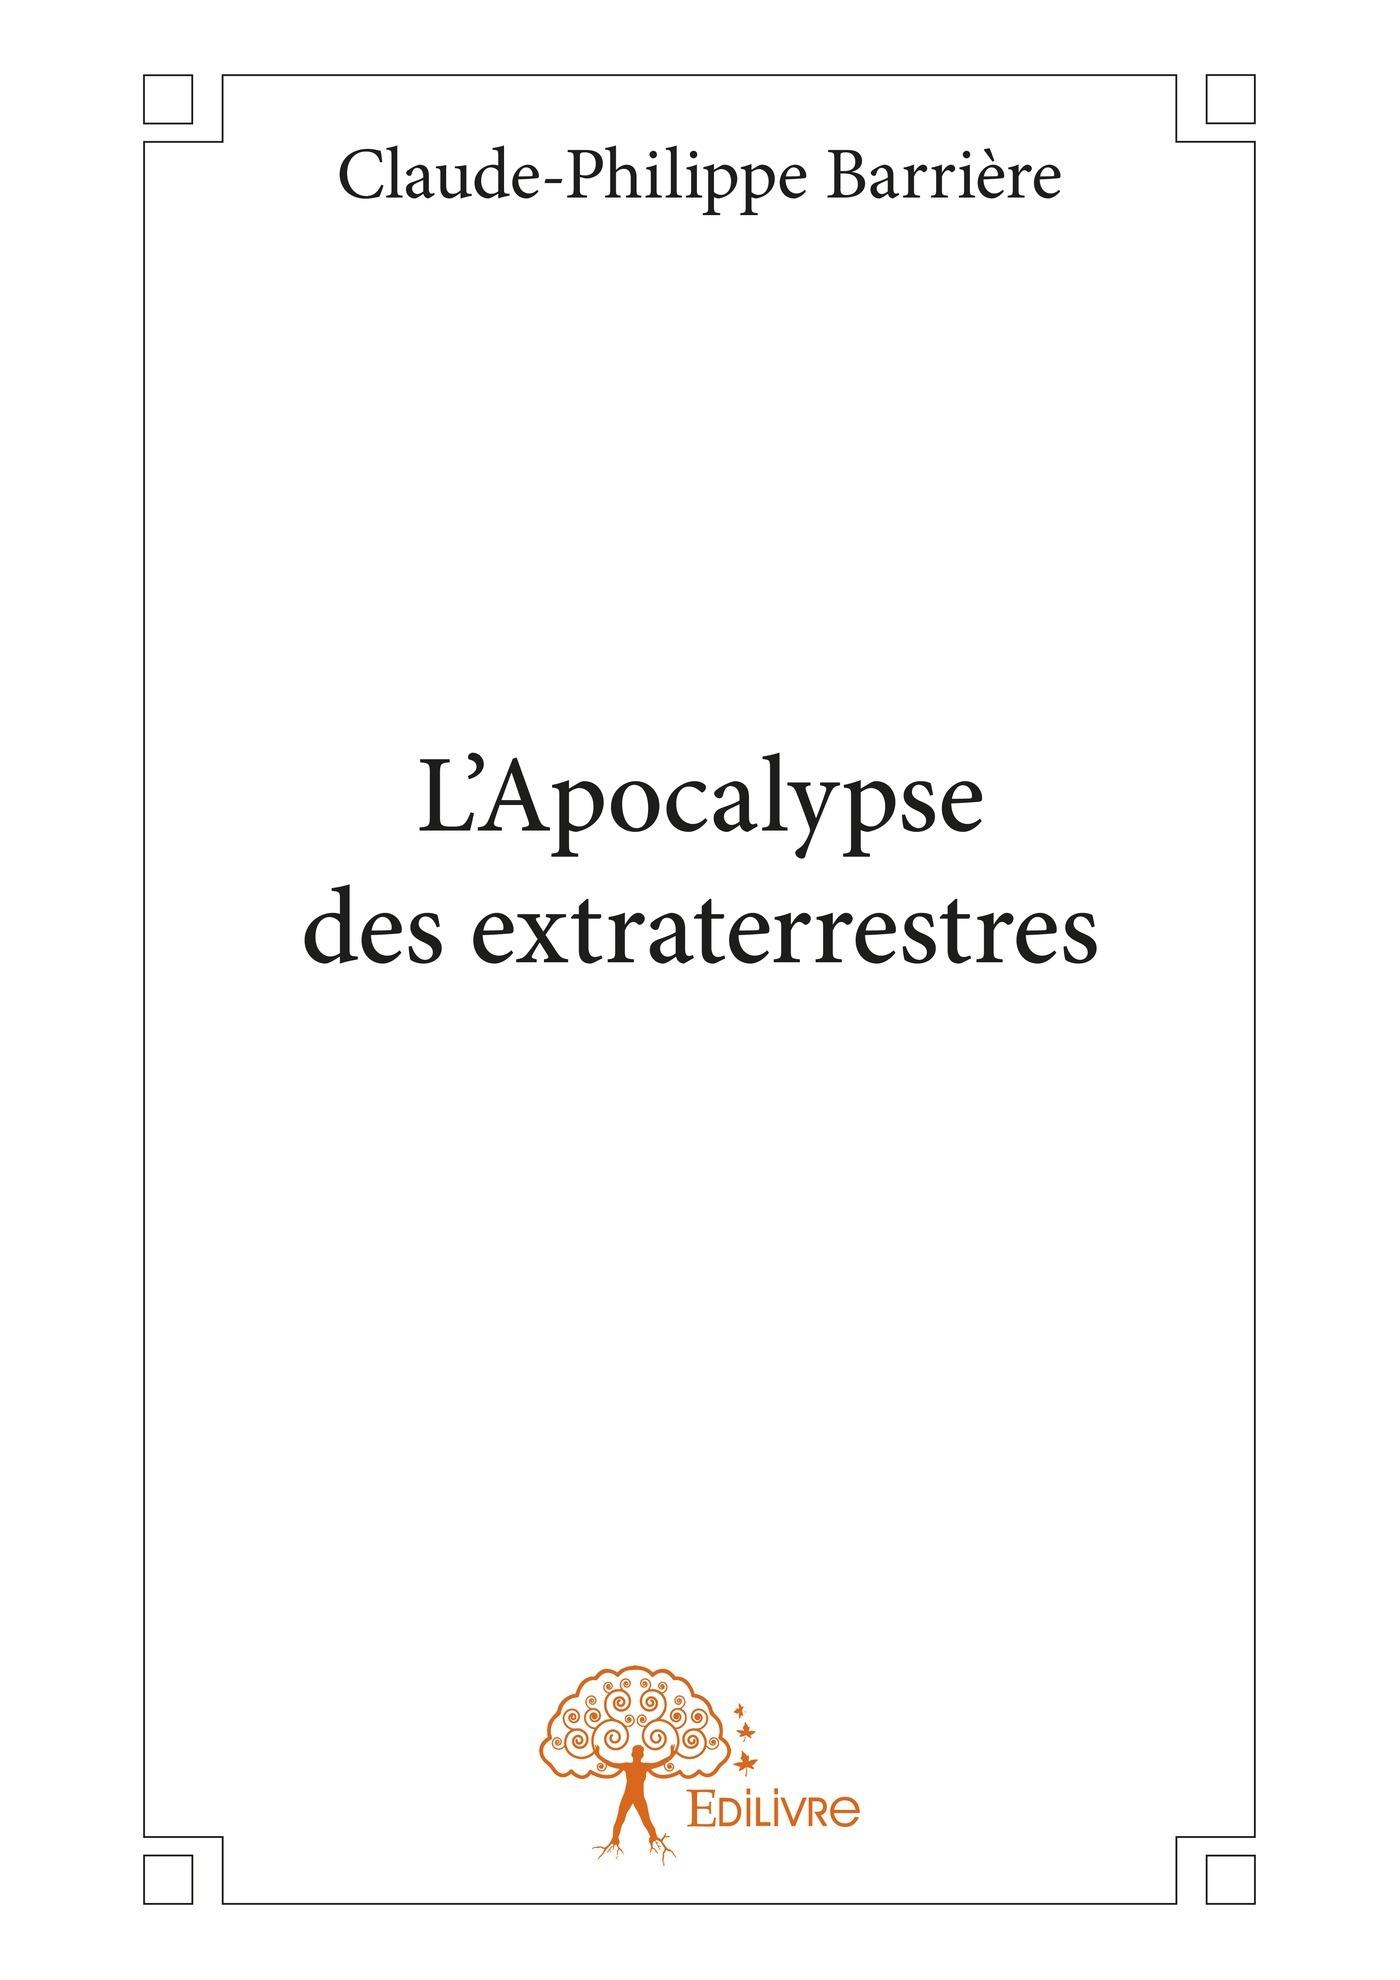 L'Apocalypse des extraterrestres  - Claude-Philippe Barrière